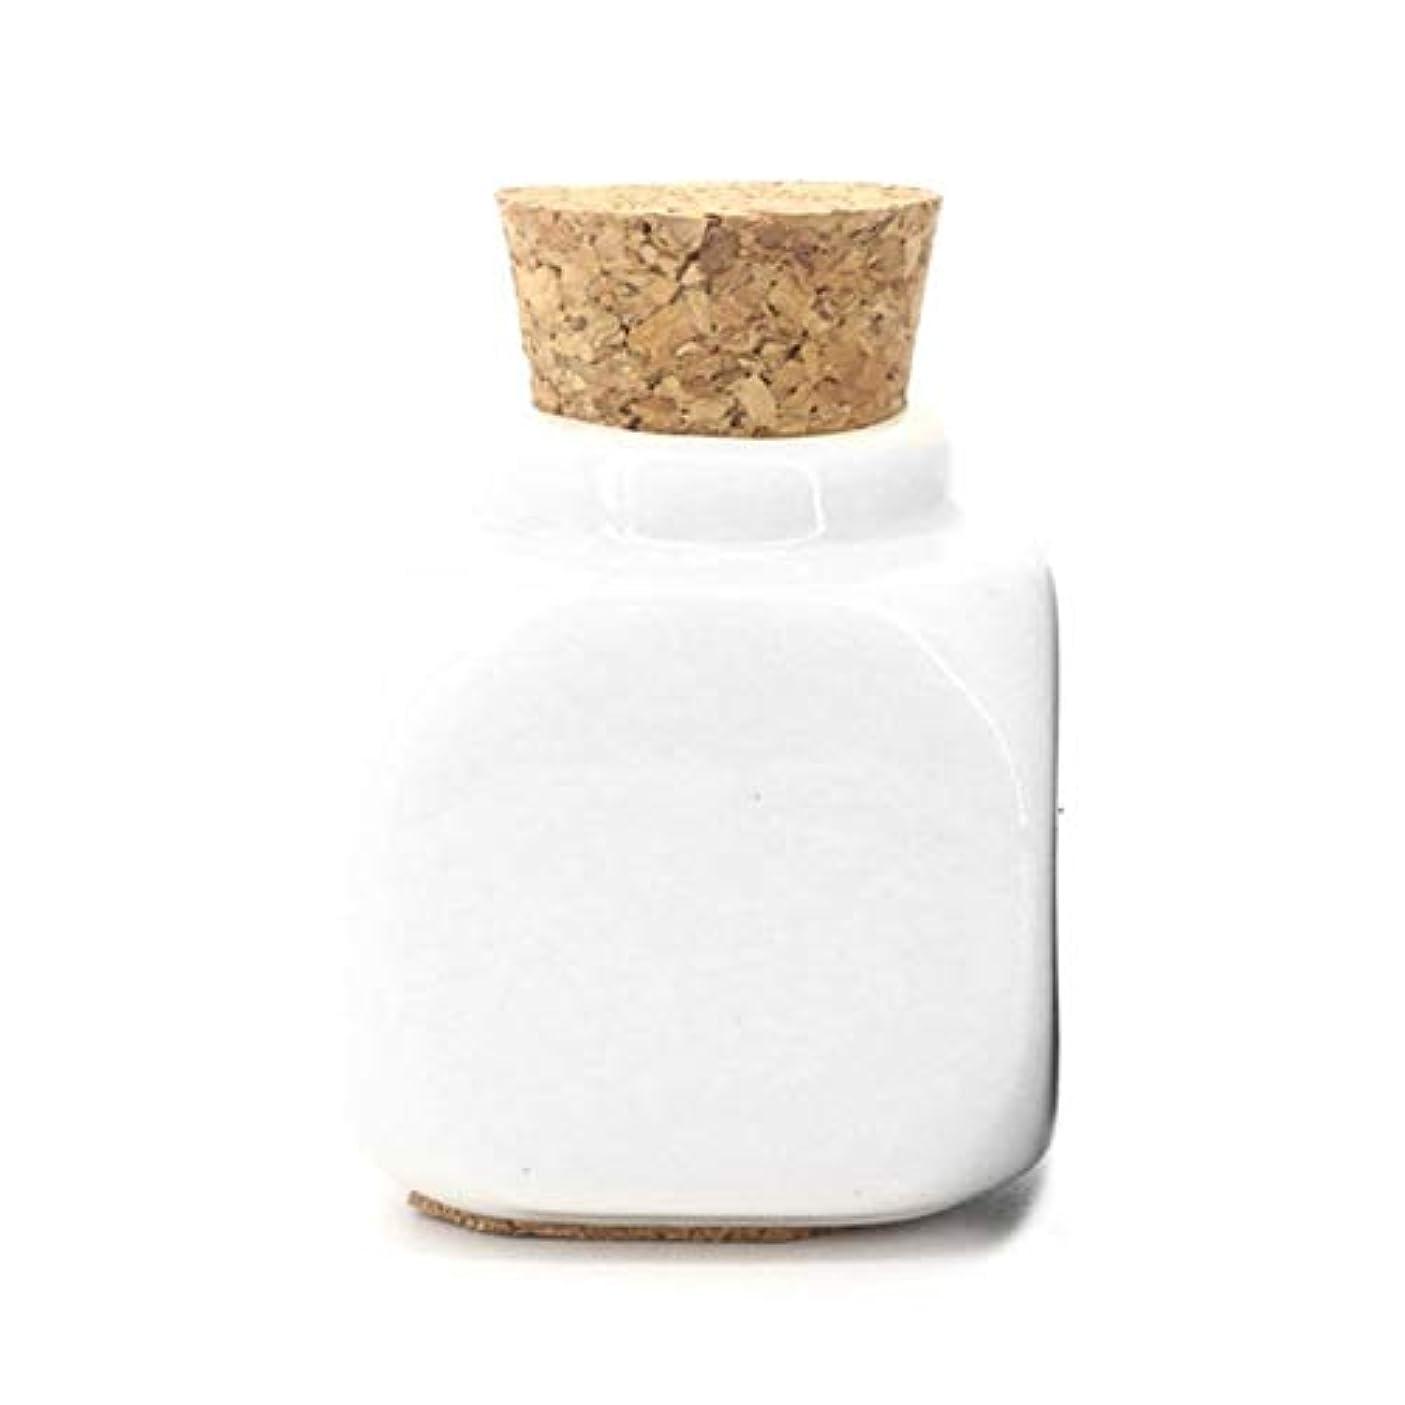 プレゼント内陸十分に1ピースセラミックガラス液体ガラス粉末Dappen皿クリスタルガラスカップ用アクリルネイルアートアクセサリー - ホワイト